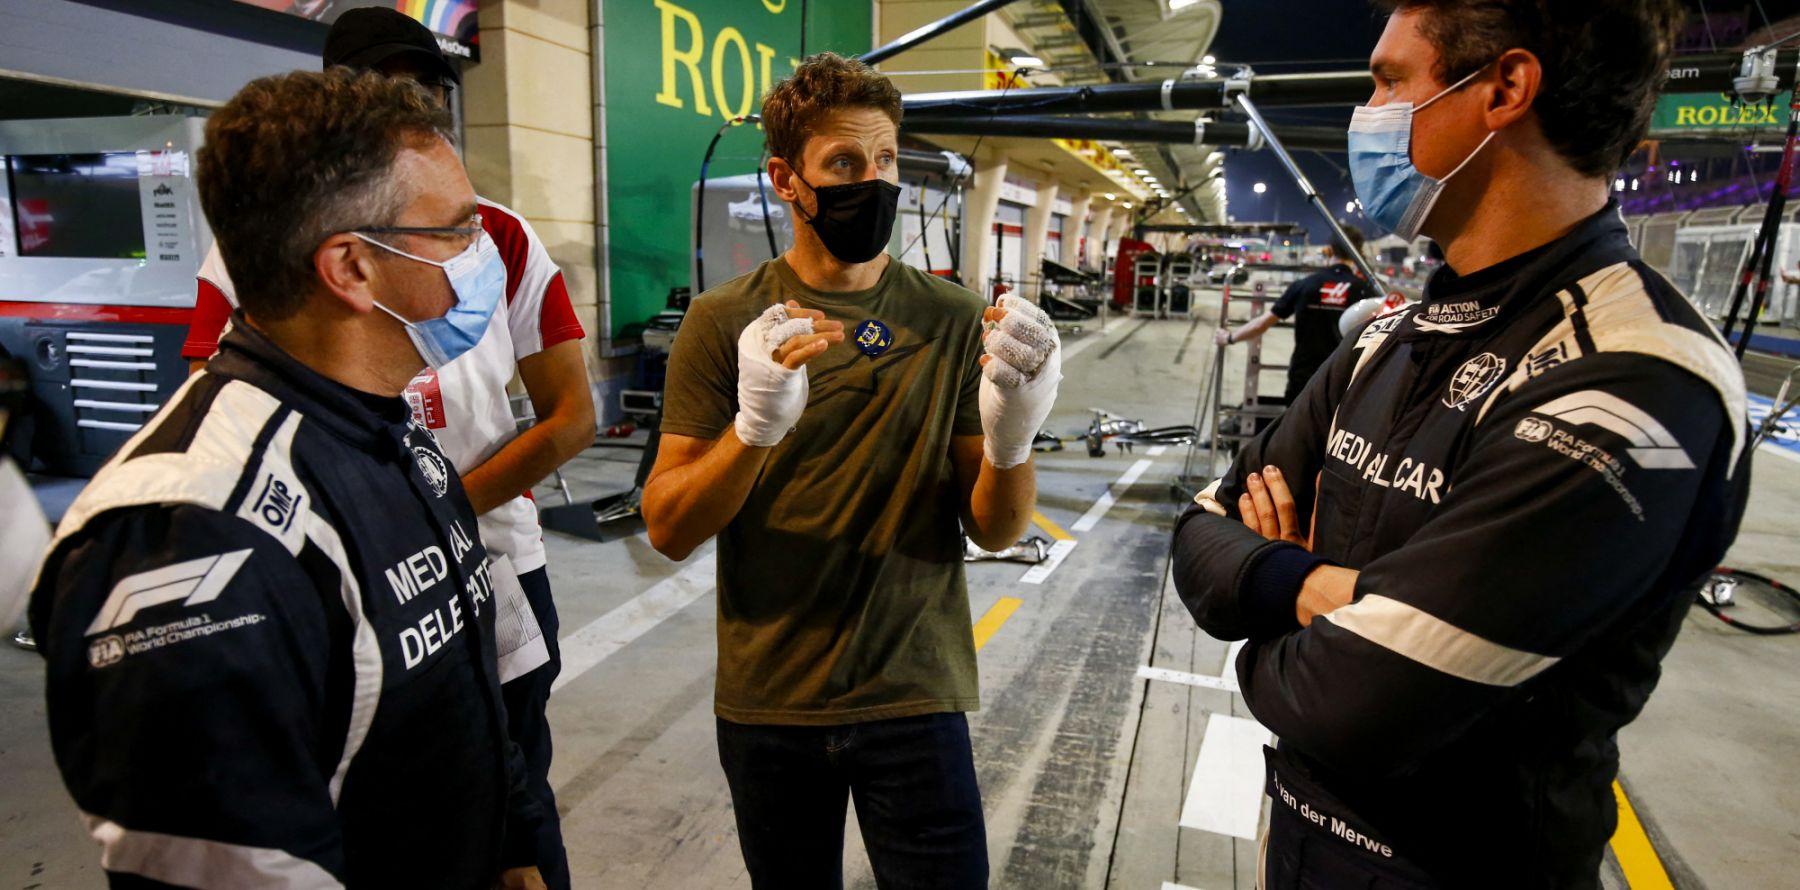 Romain et Marion Grosjean : De retour sur le circuit du terrible accident